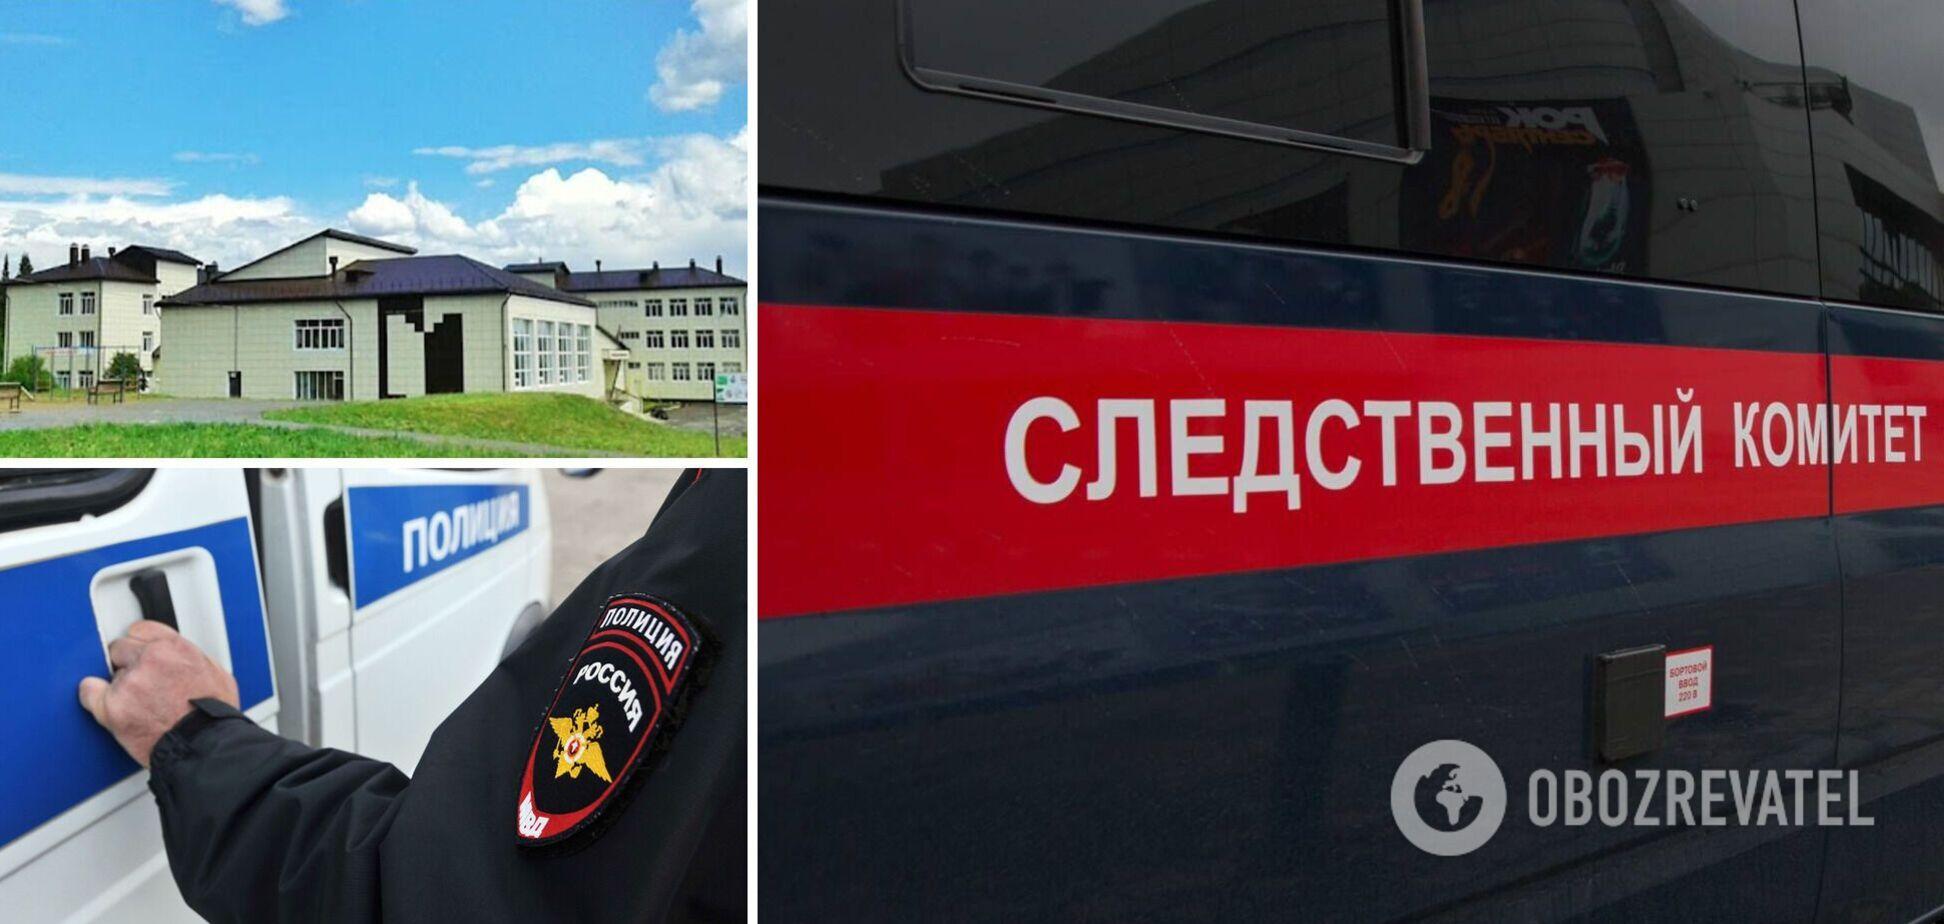 В России 12-летний ученик устроил стрельбу в школе: появились подробности ЧП